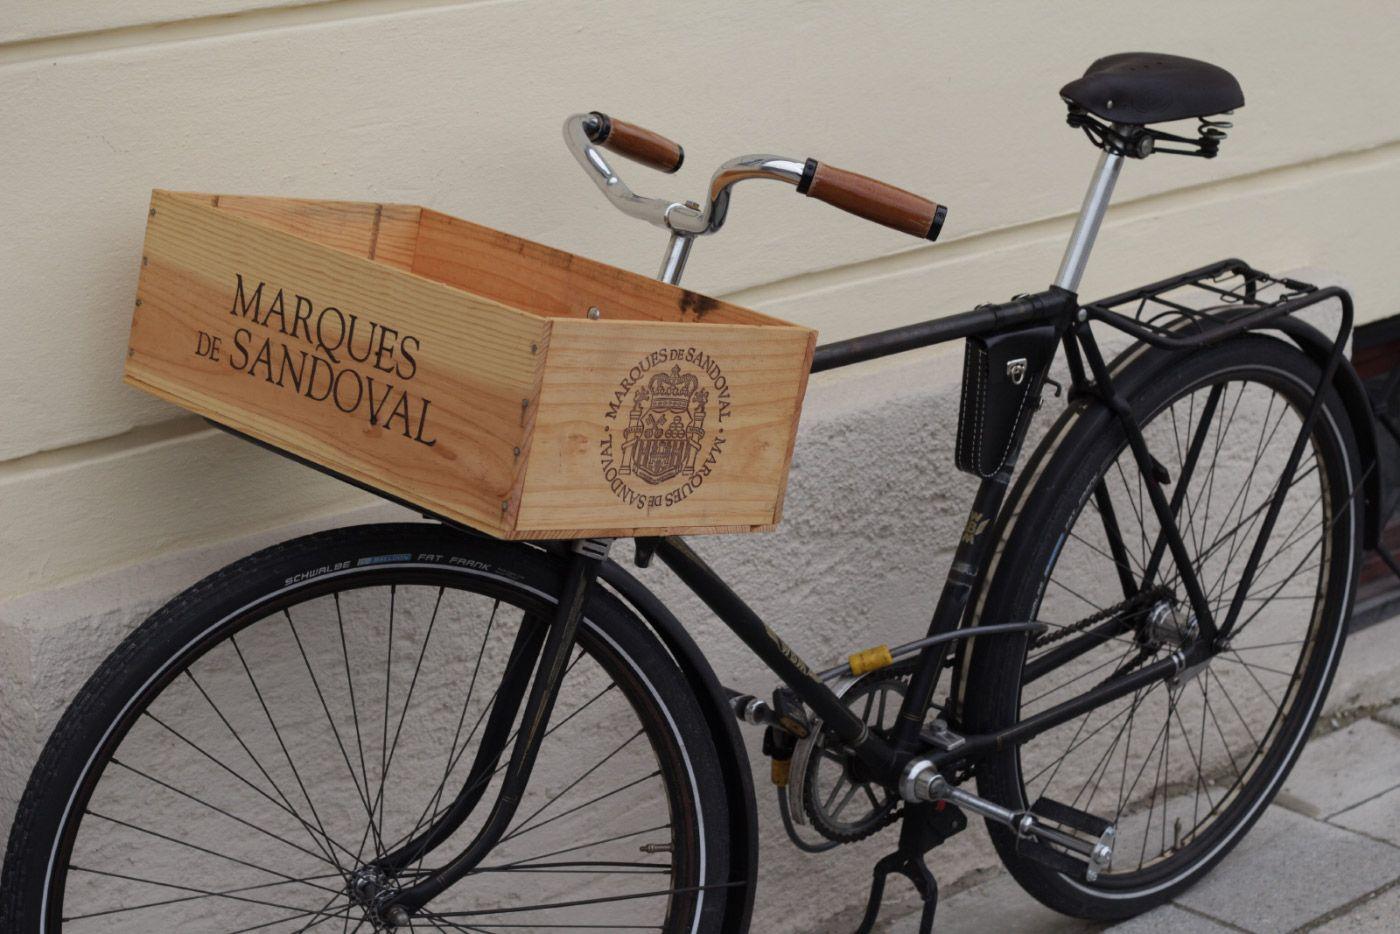 Diy Wine Fahrrad Mit Weinkiste Wein Weinkisten Fahrrad Wein